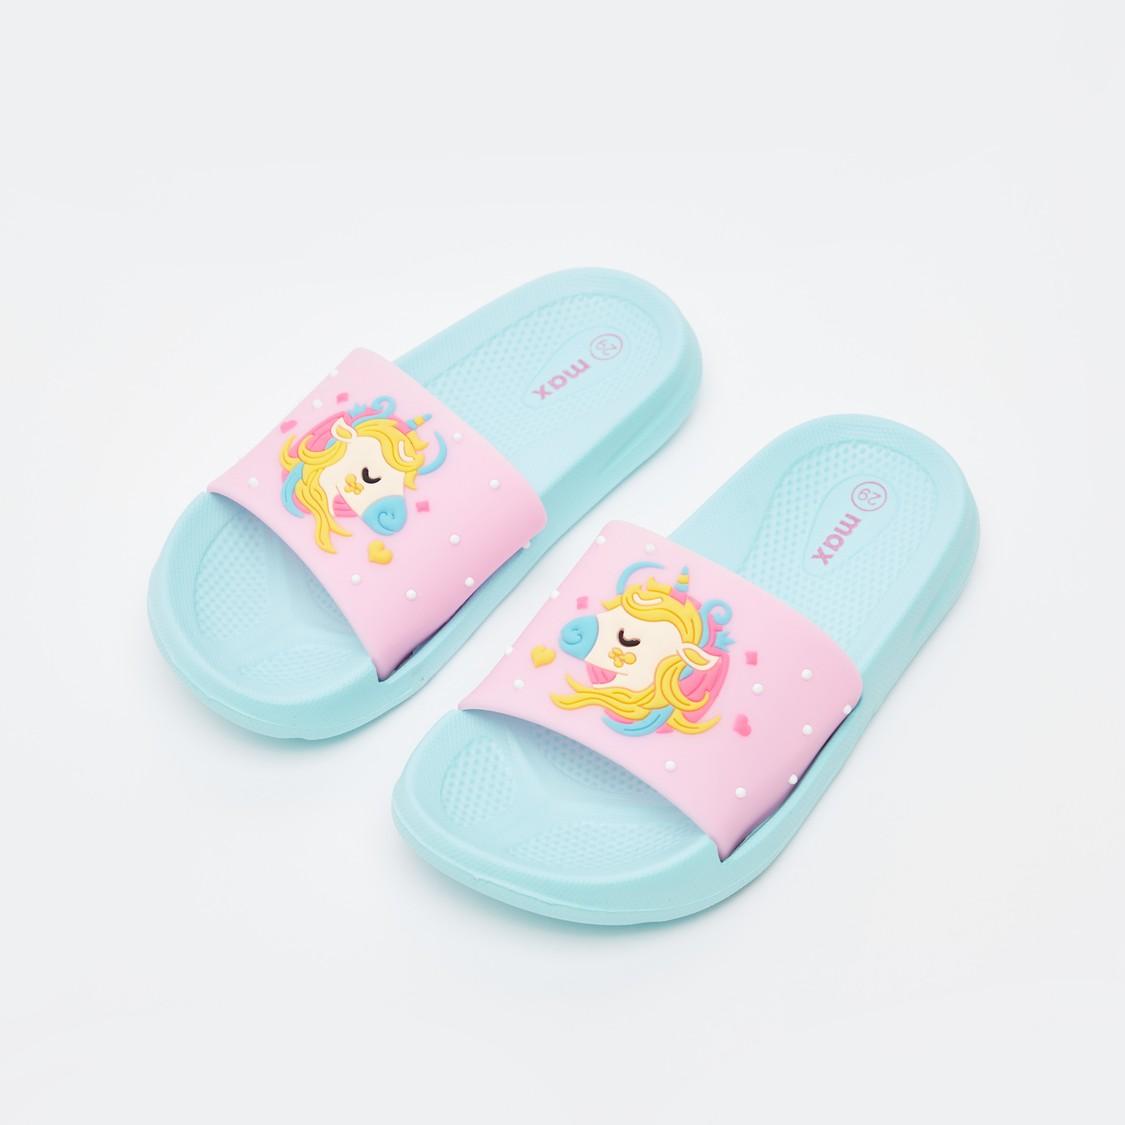 حذاء خفيف بطبعات يونيكورن منقوشة